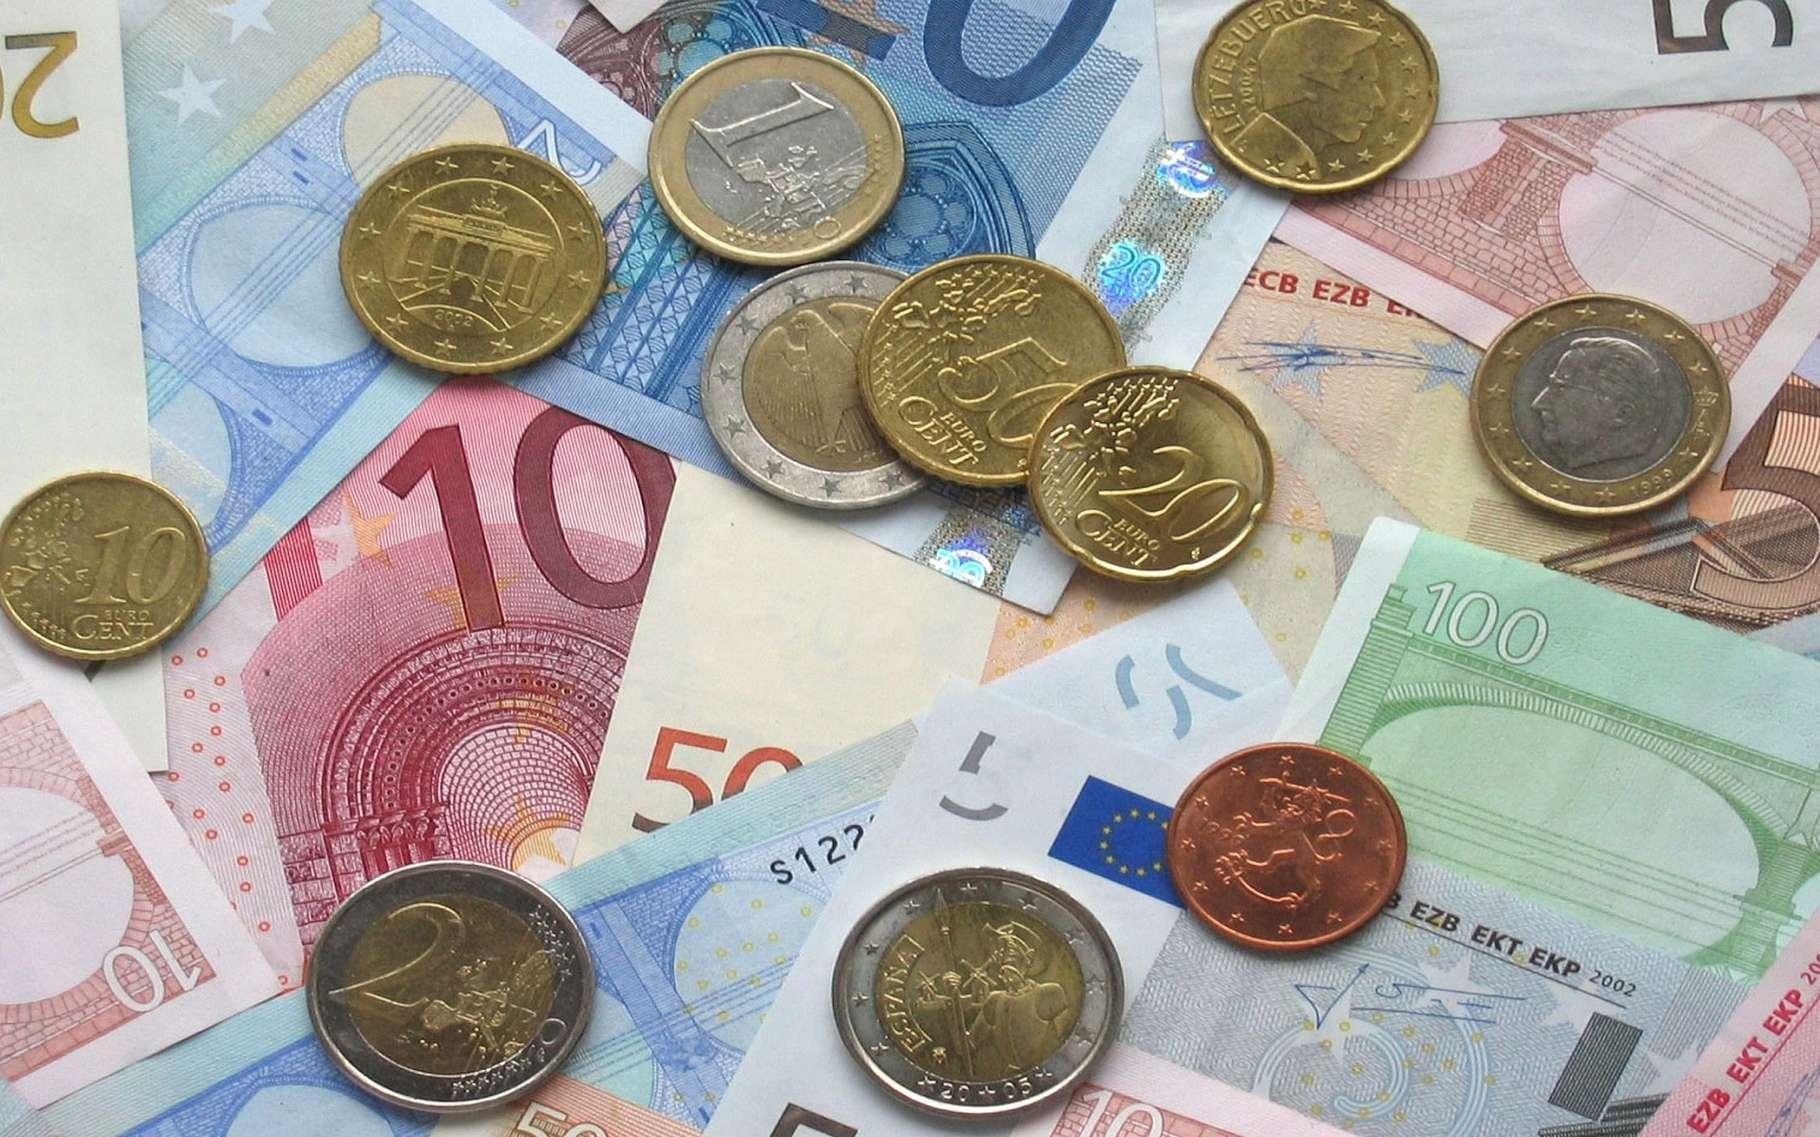 Nouveau jeu mathématique du professeur Lehning : l'euro manquant. © Janeb13, Pixabay, Domaine Public